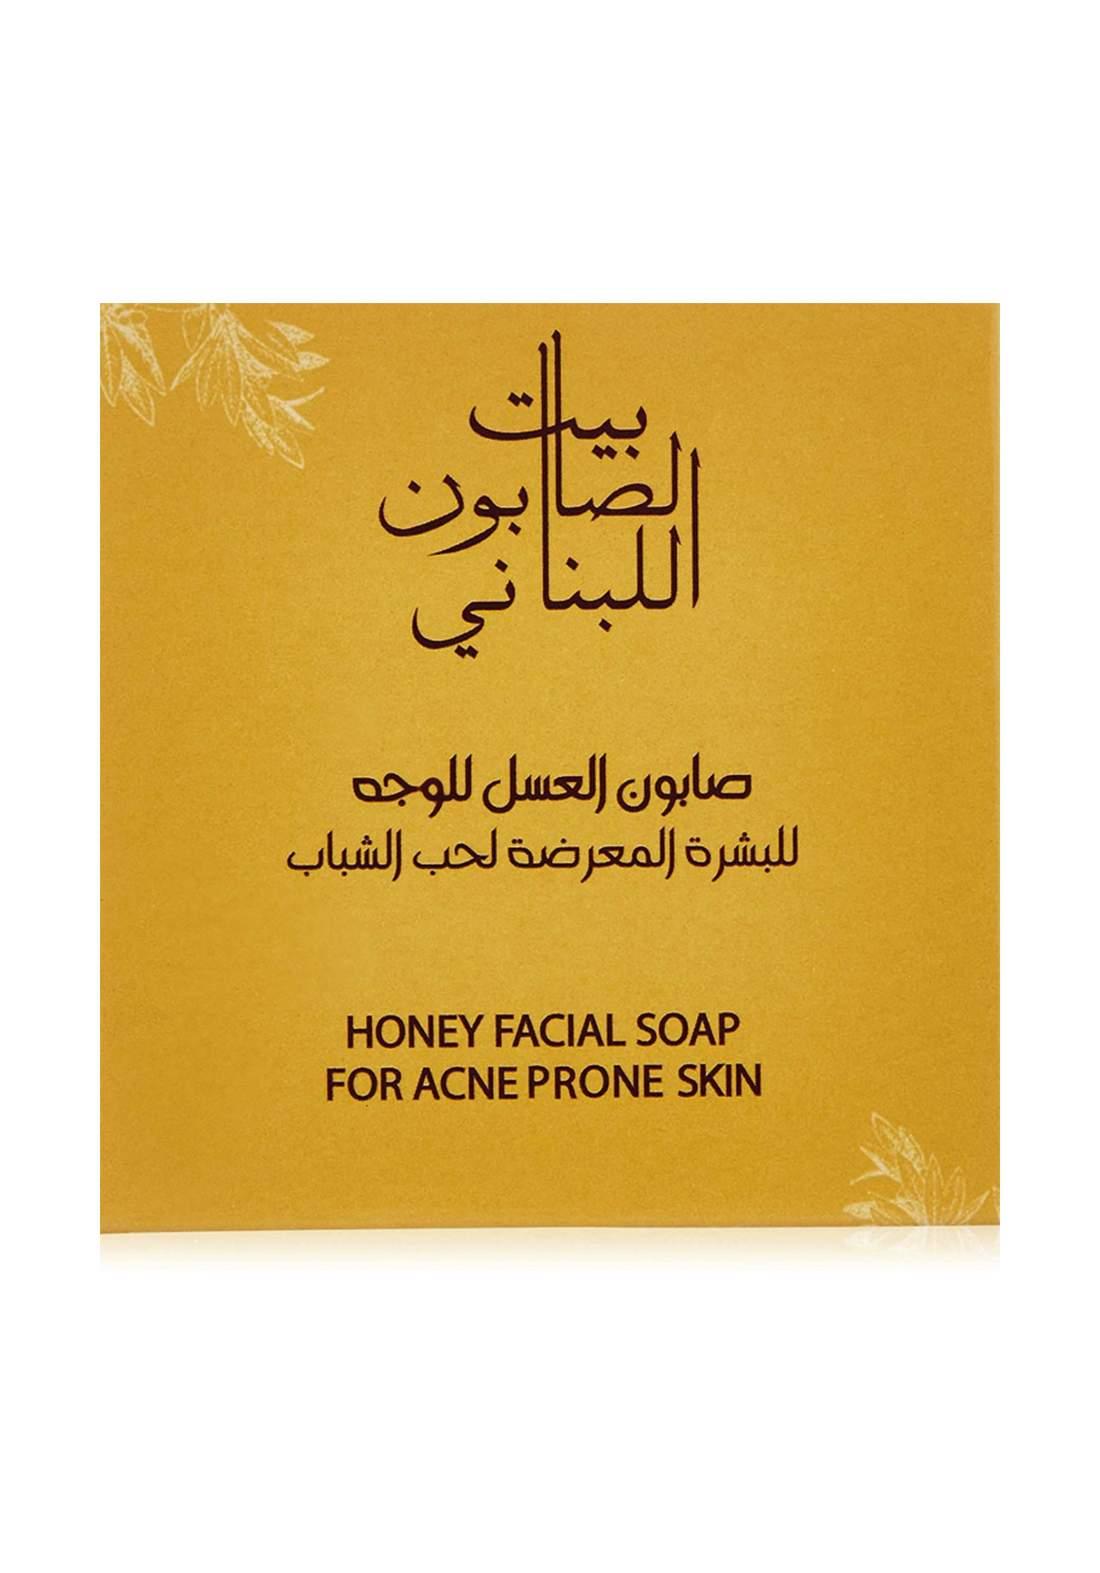 Bayt Alsaboun Alloubnani-317488 Hony Facial Soap 120g صابون